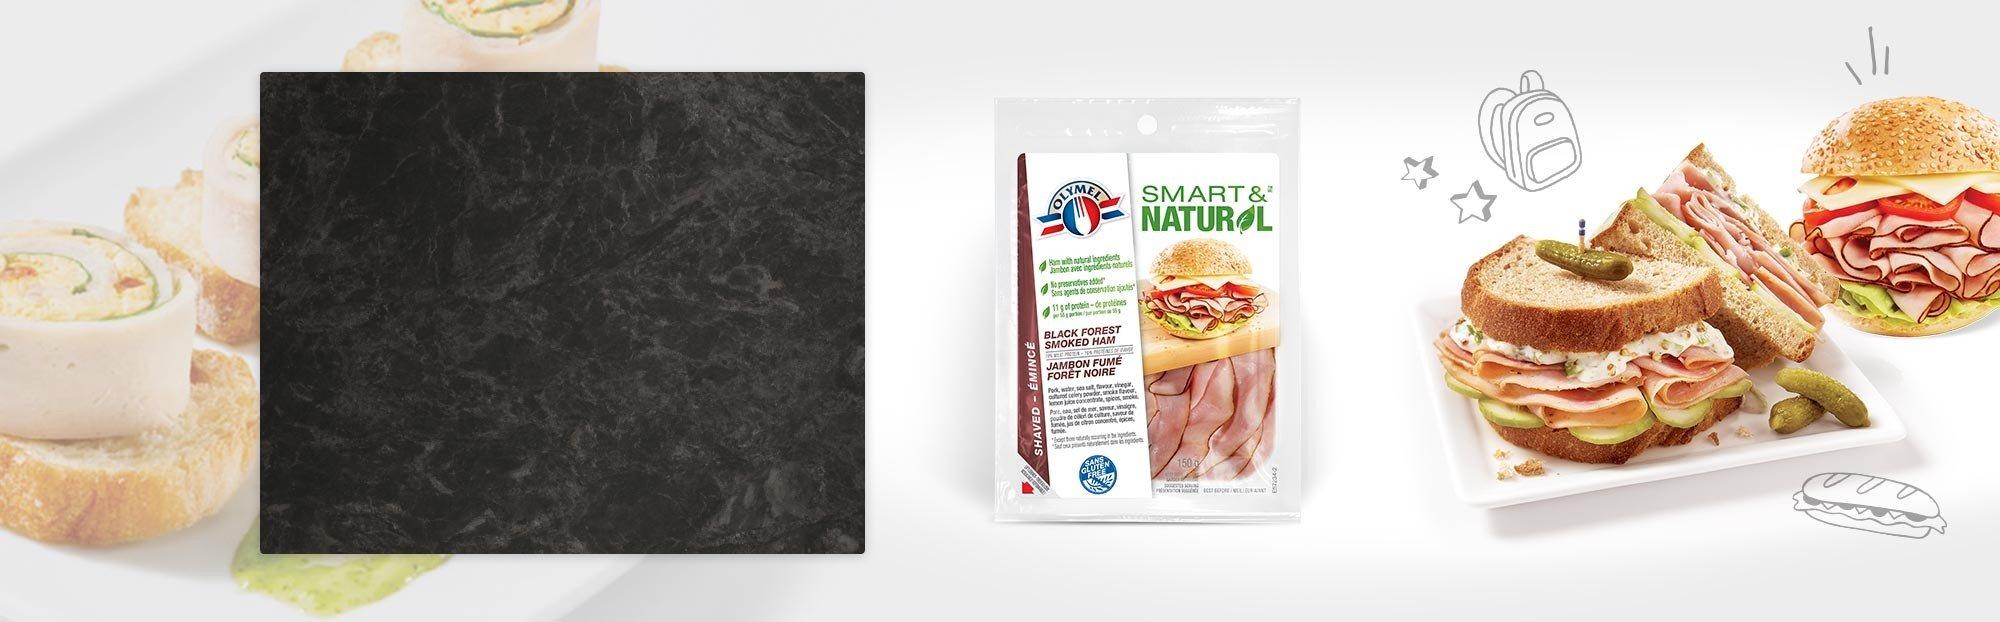 Shaved Black Forest Smoked Ham Olymel Smart & Natural